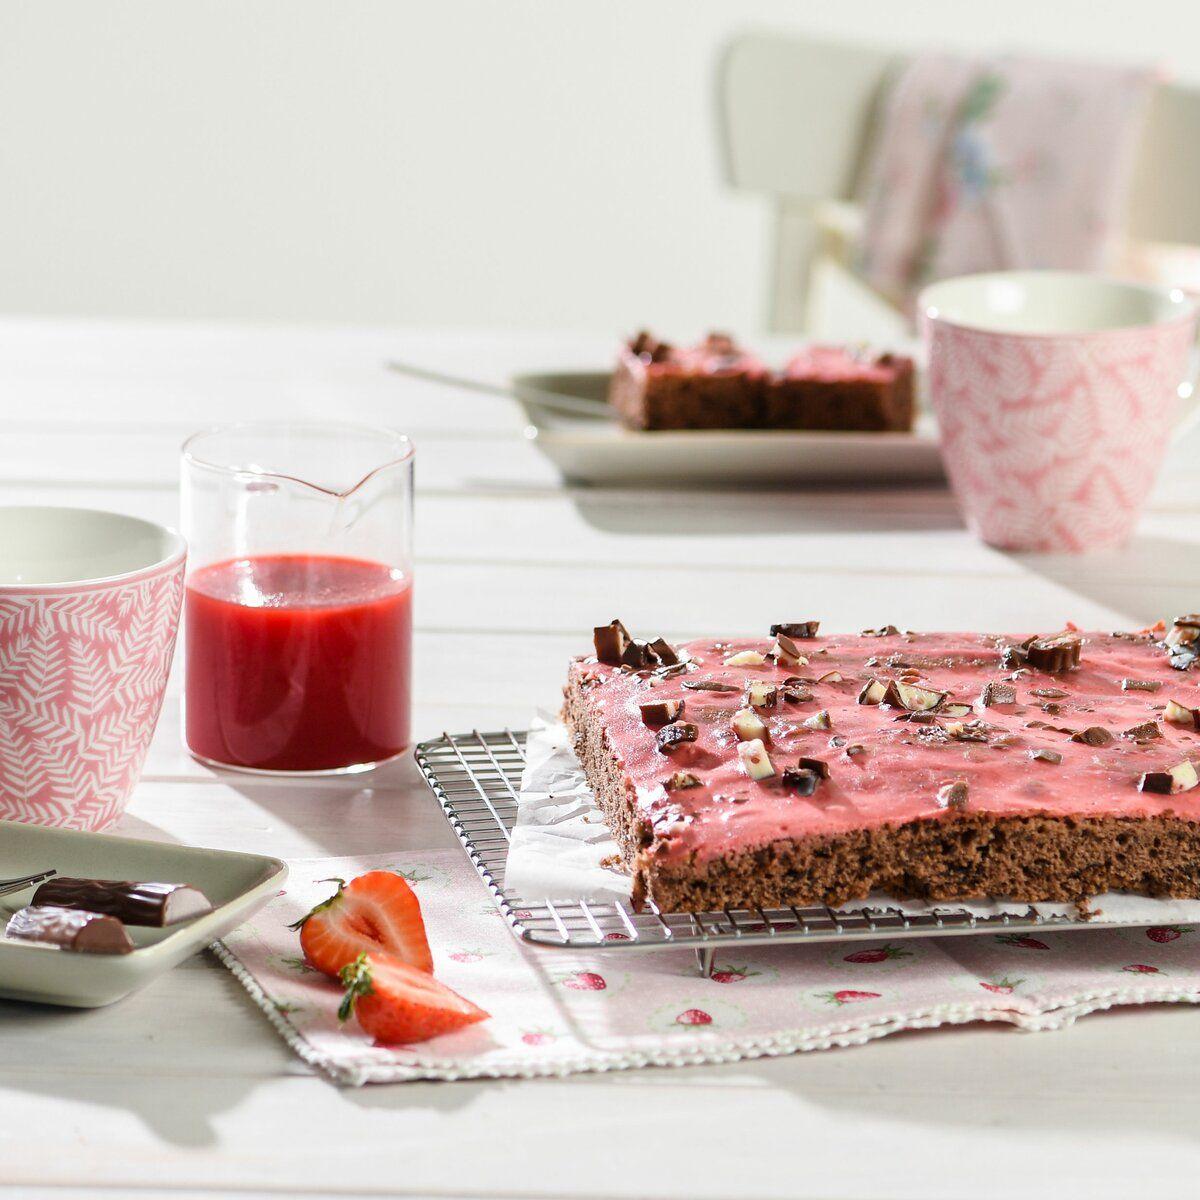 Erdbeer Yogurette Torte Ohne Backen Rezept Yogurette Torte Ohne Backen Yogurette Torte Torte Ohne Backen